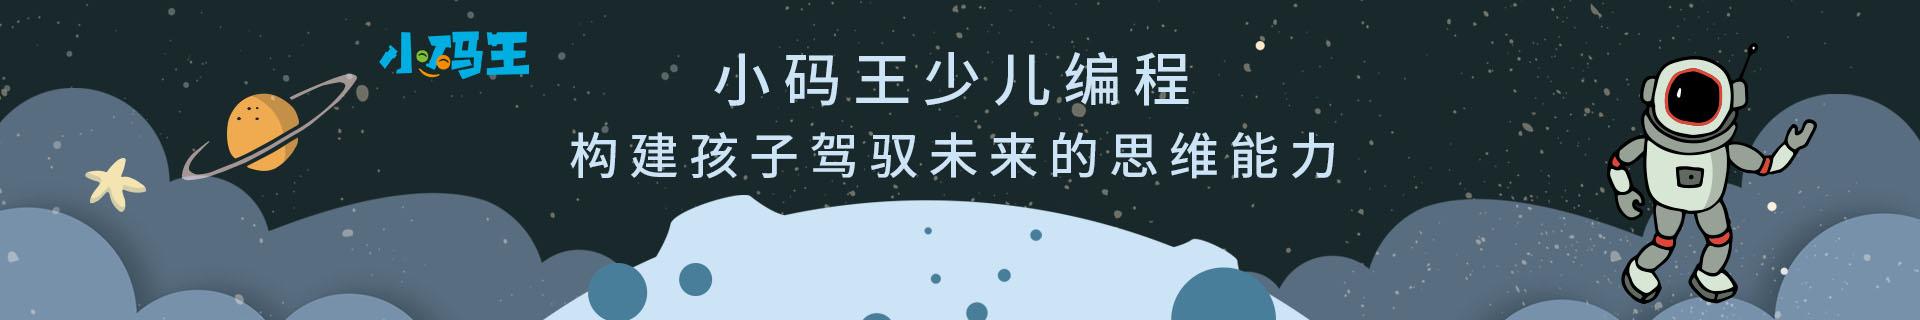 上海西藏南路小码王少儿编程培训机构